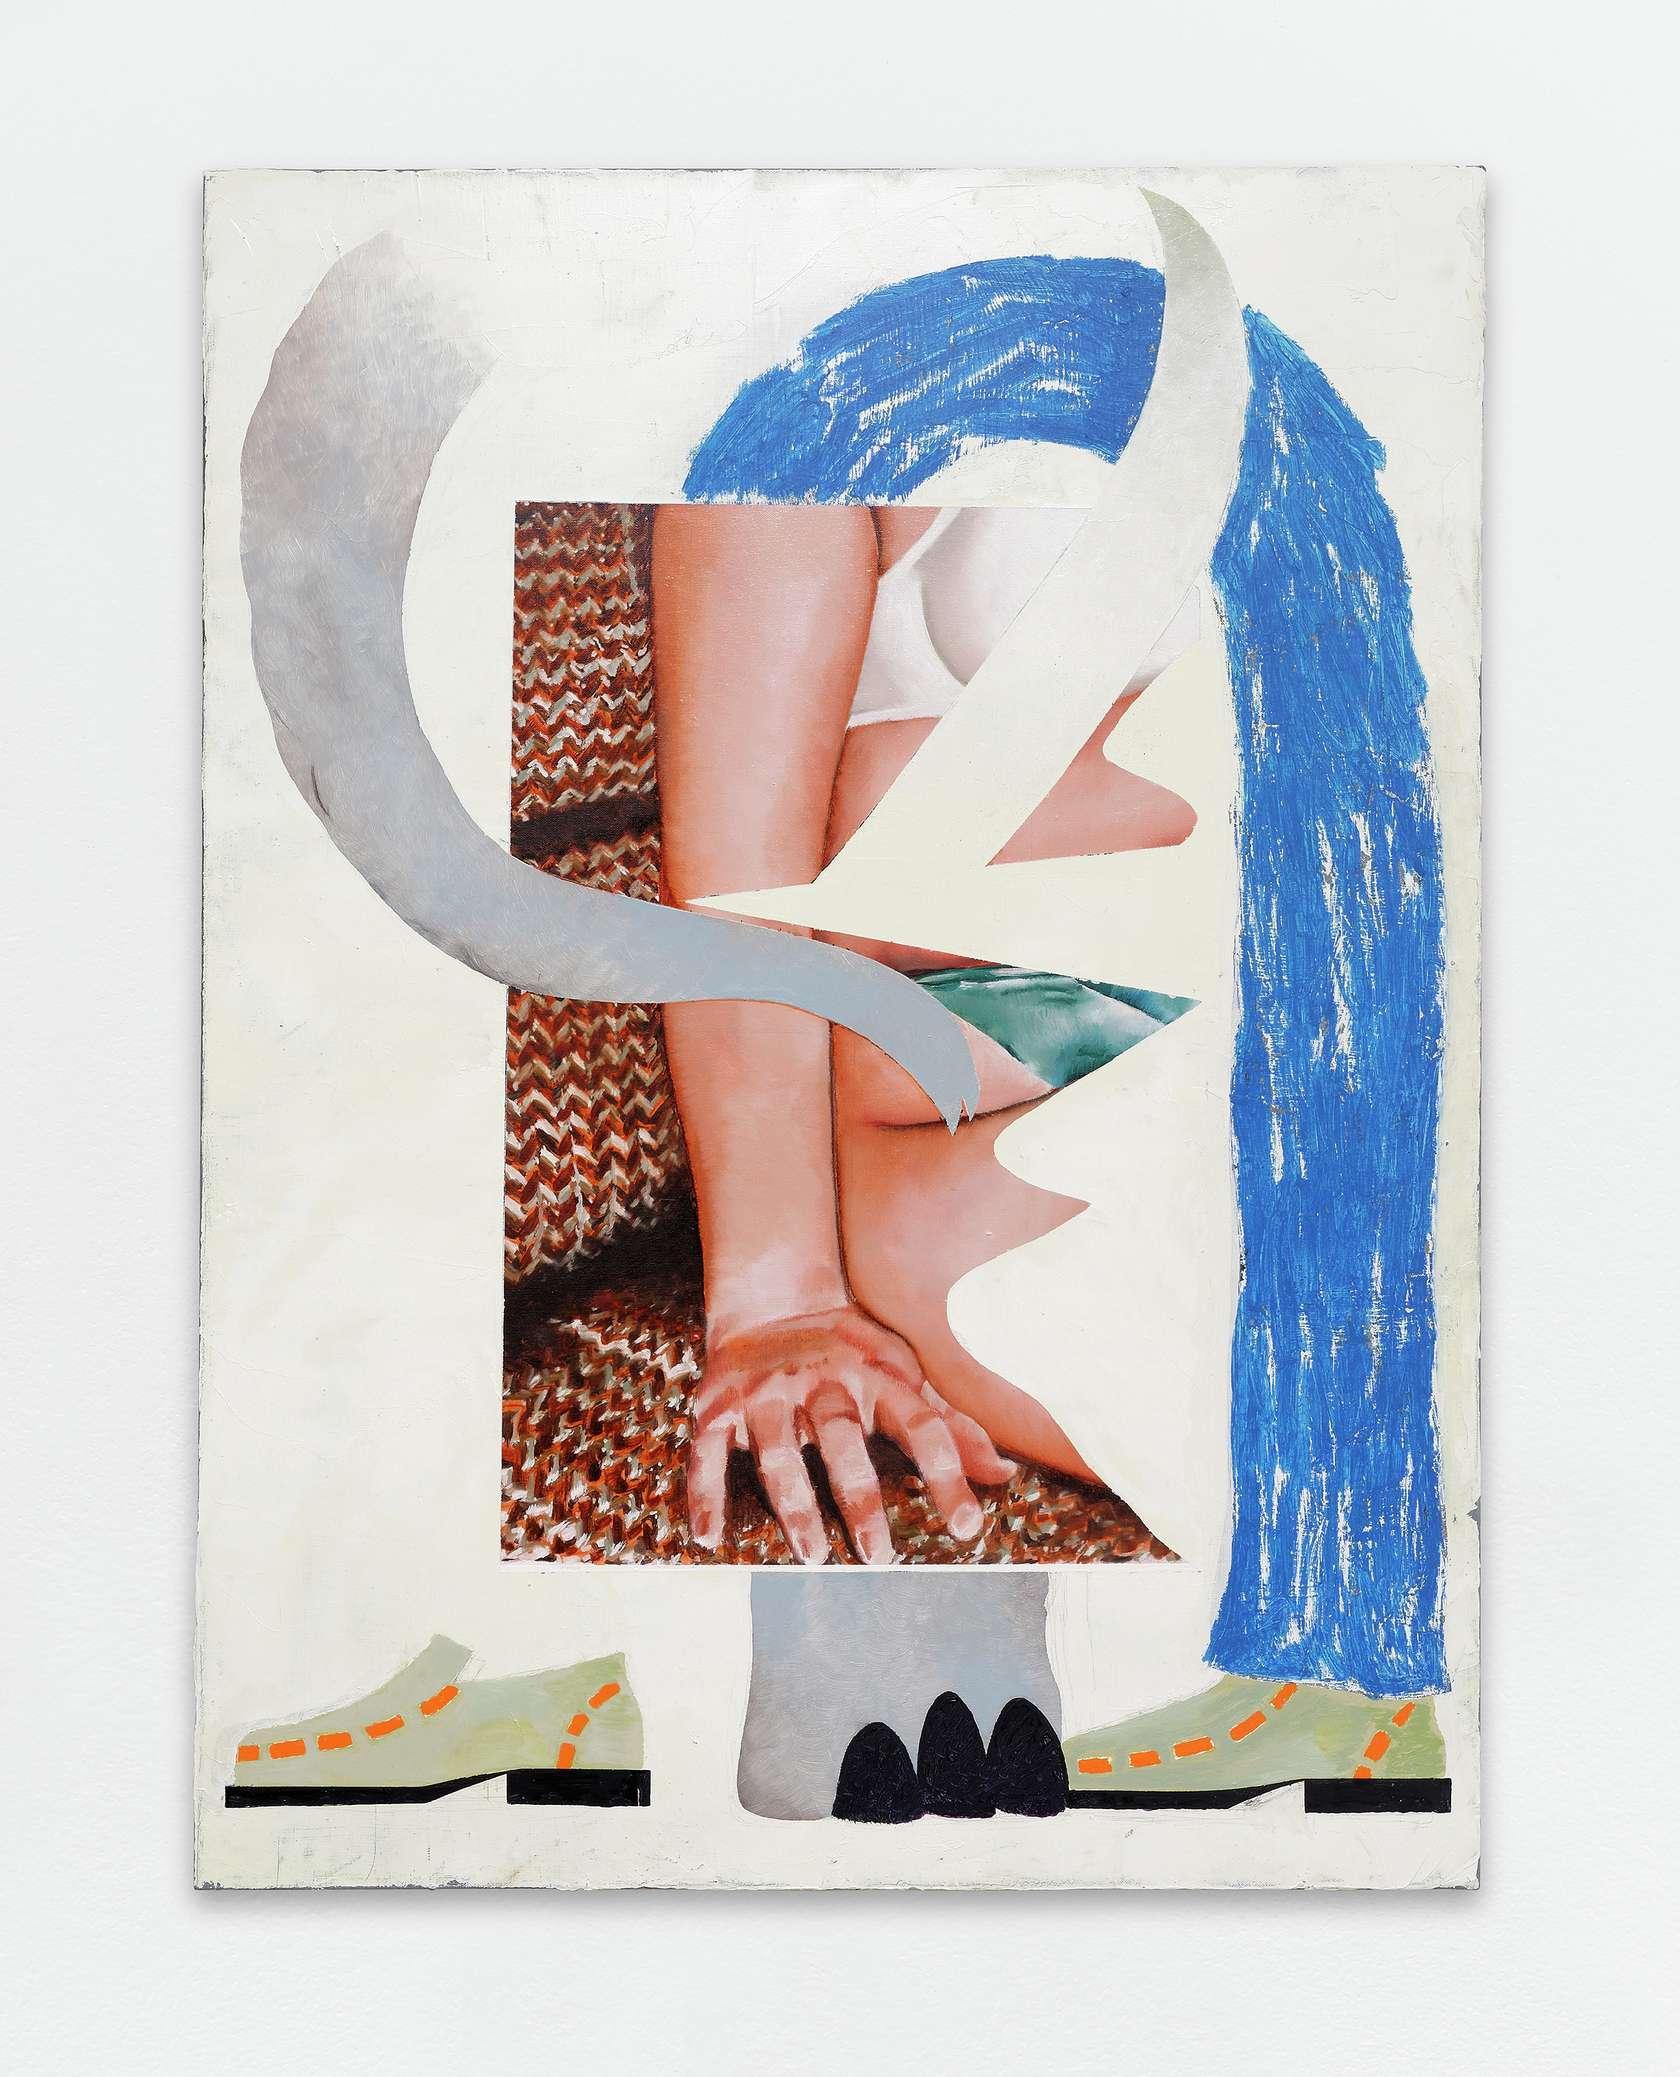 Laurent Proux, Éléphant, 2017 Huile sur toile130 x 97 cm / 51 1/8 x 38 2/8 inches